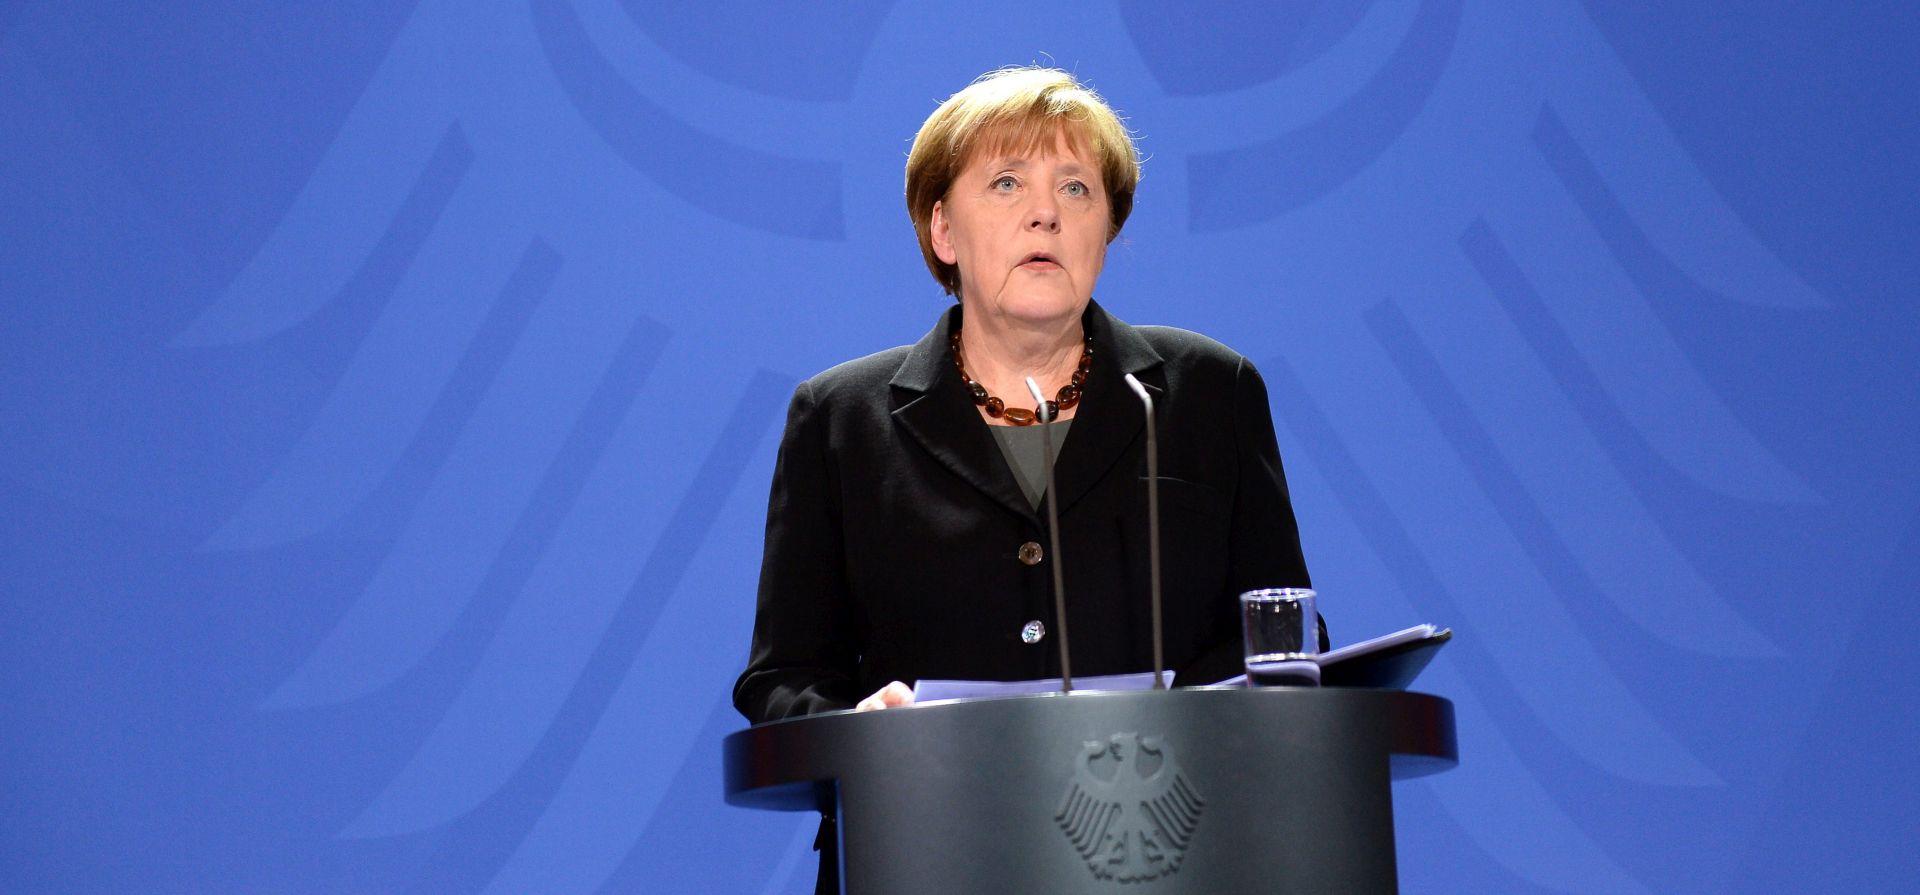 POLITIKA PRIHVATA: Merkel uzvraća na kritike francuskog premijera zbog migranata